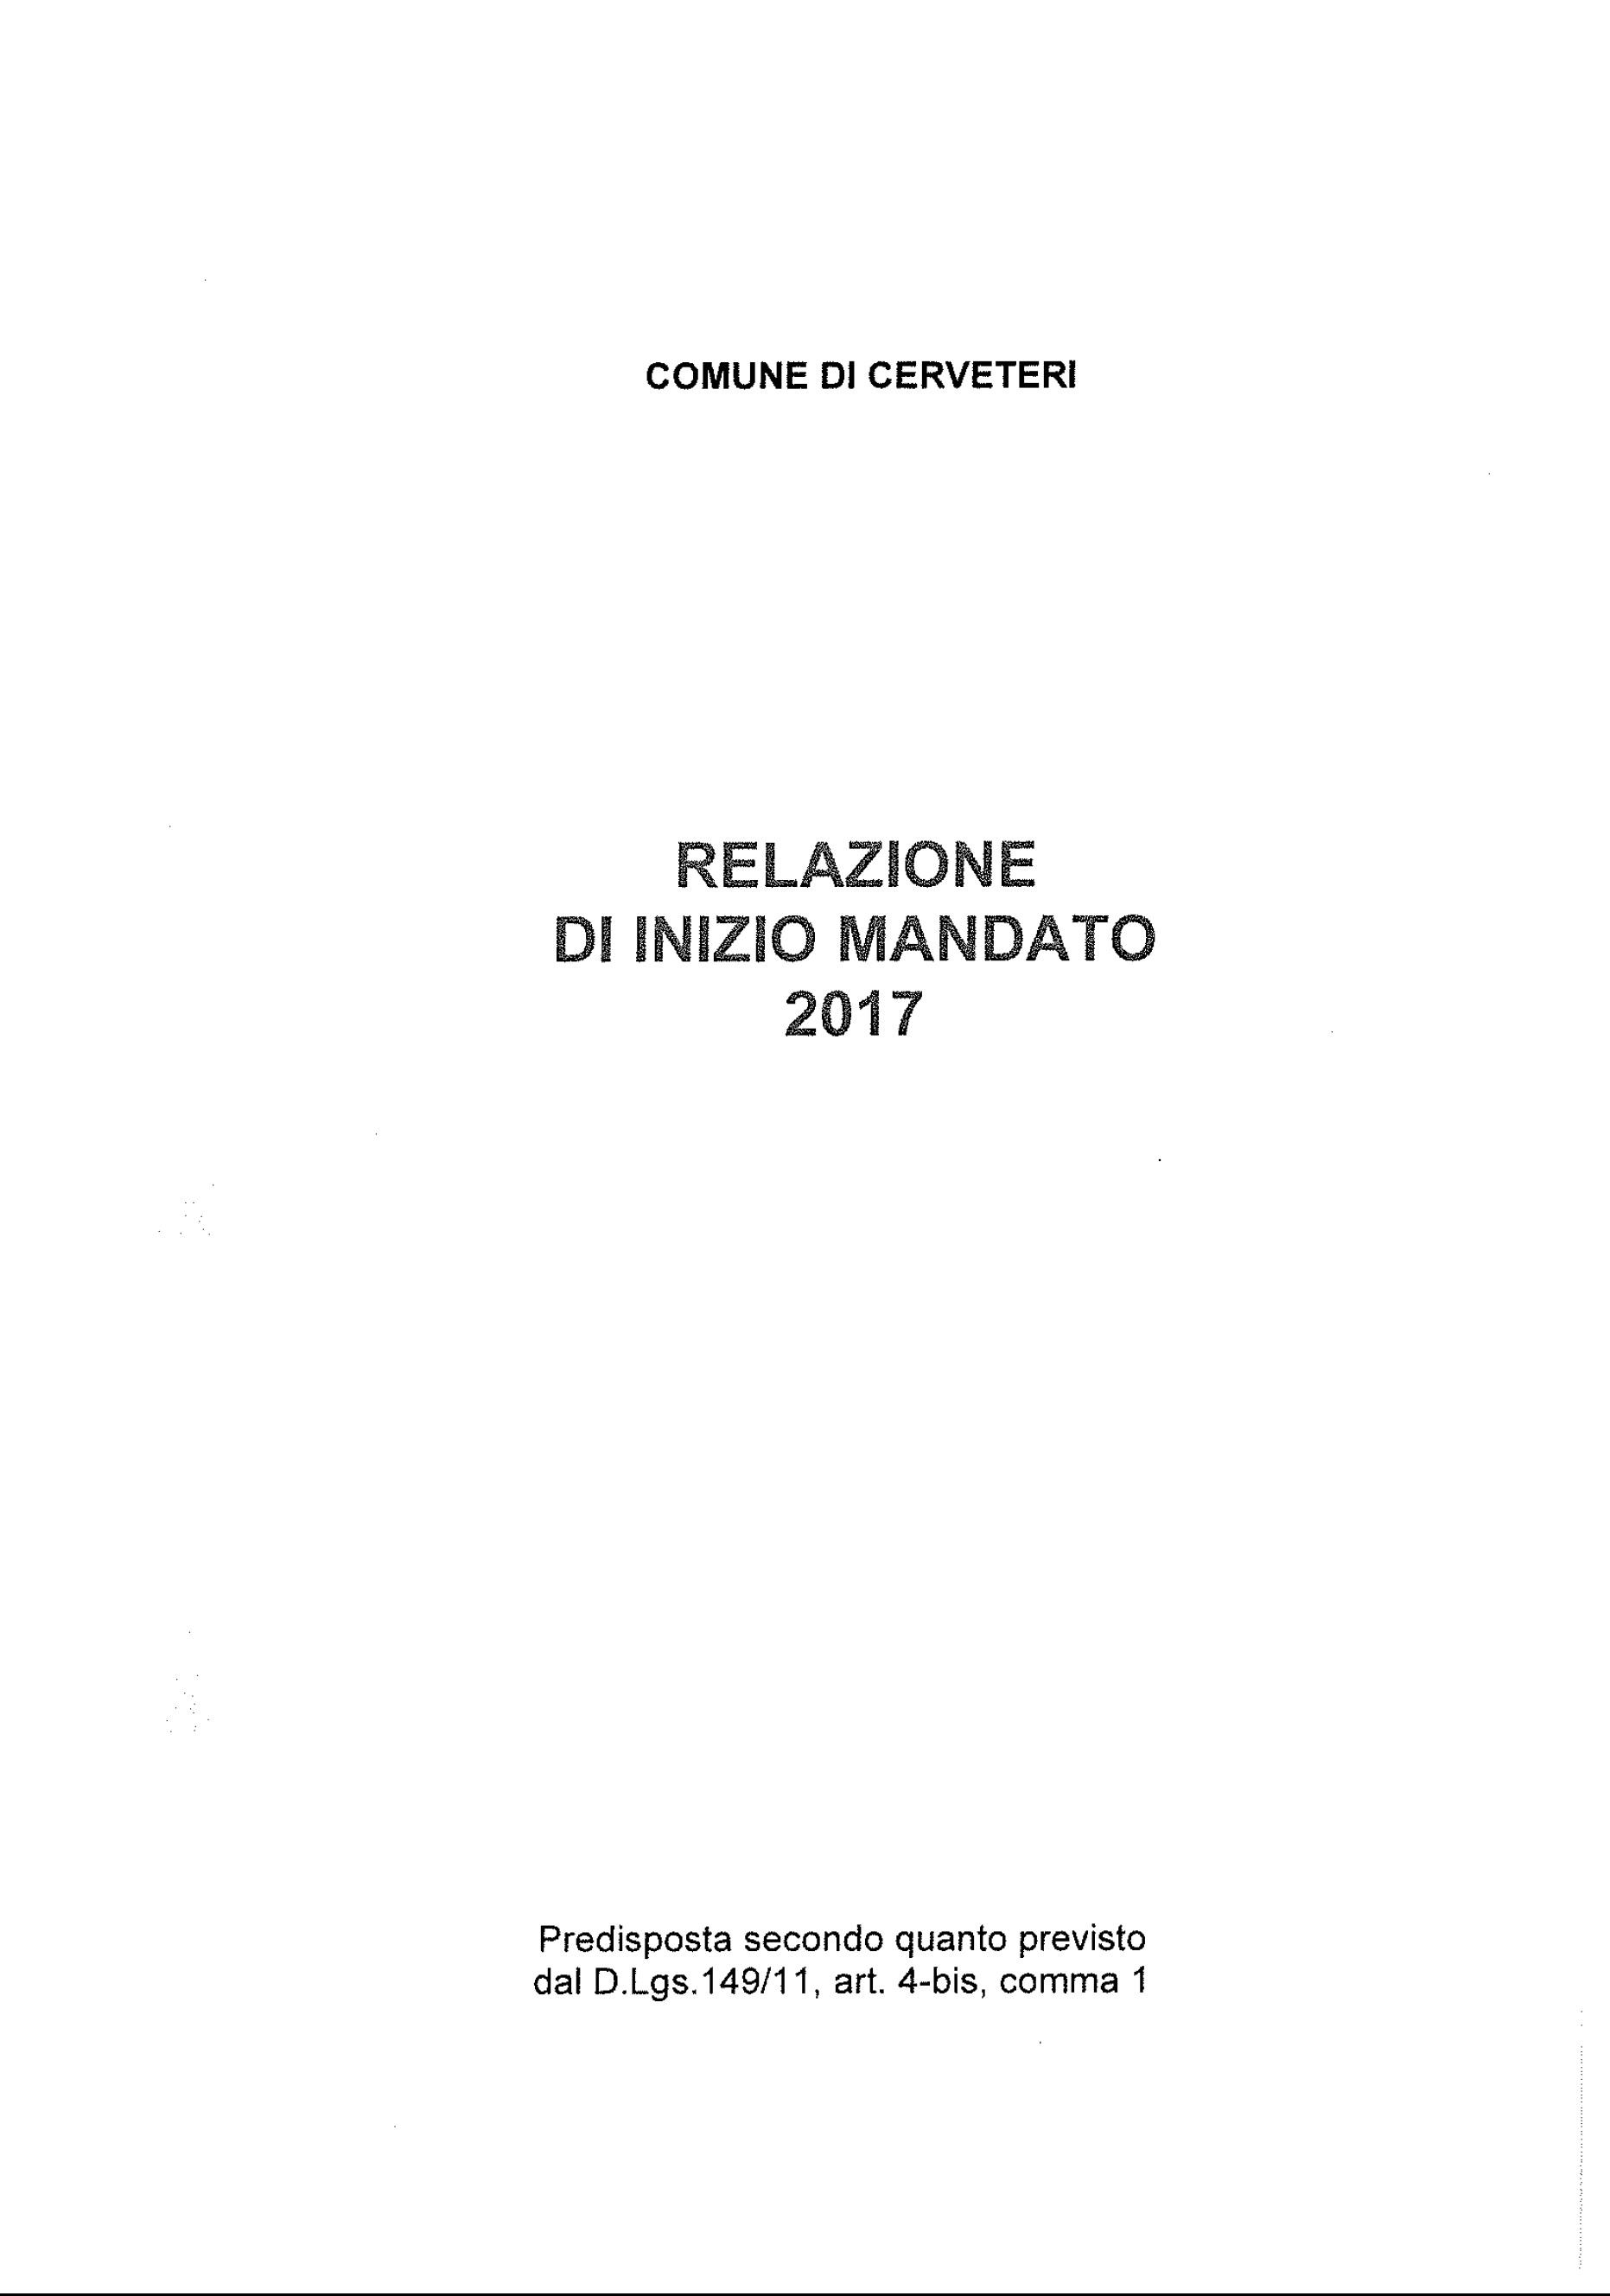 Relazione di Inizio mandato - 2017 ai sensi dell'art. 4-bis , comma 1 del D.lgs. 149/11